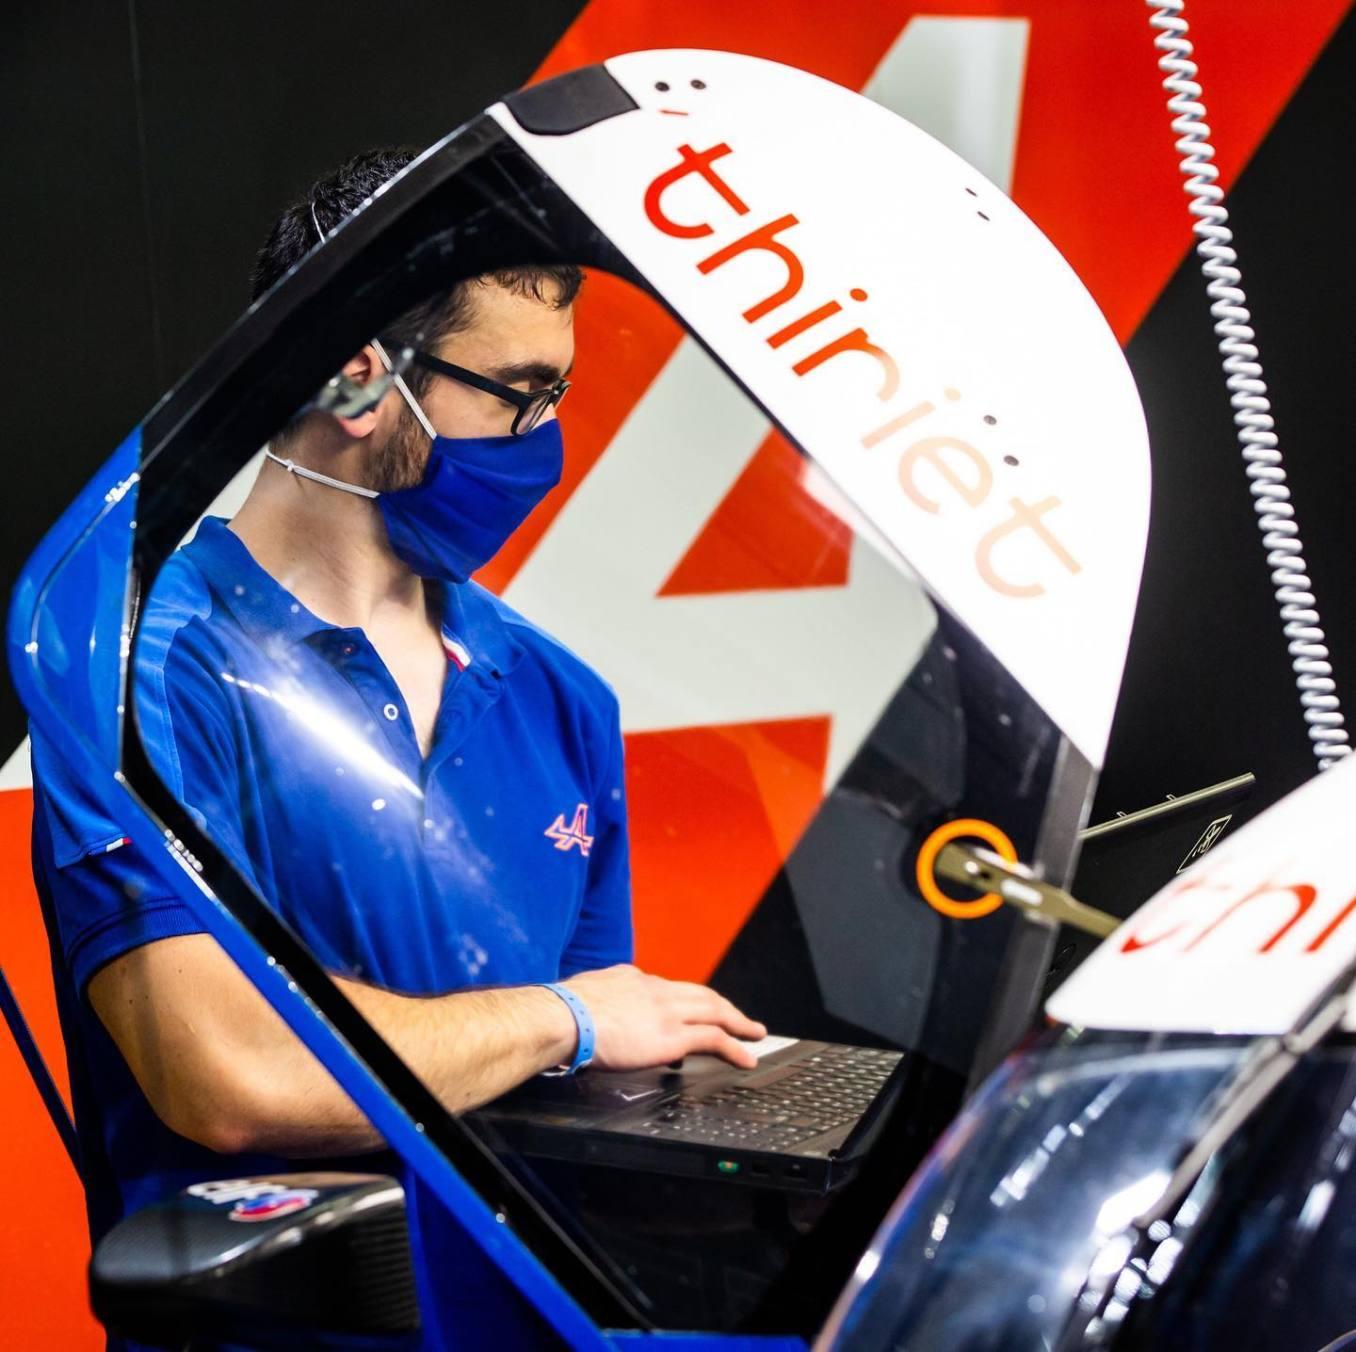 Signatech Alpine A470 Laurent Ragues Negrao Bahrein WEC 2020 LMP2 9 | Signatech Alpine atteint la 5ème place à Bahreïn